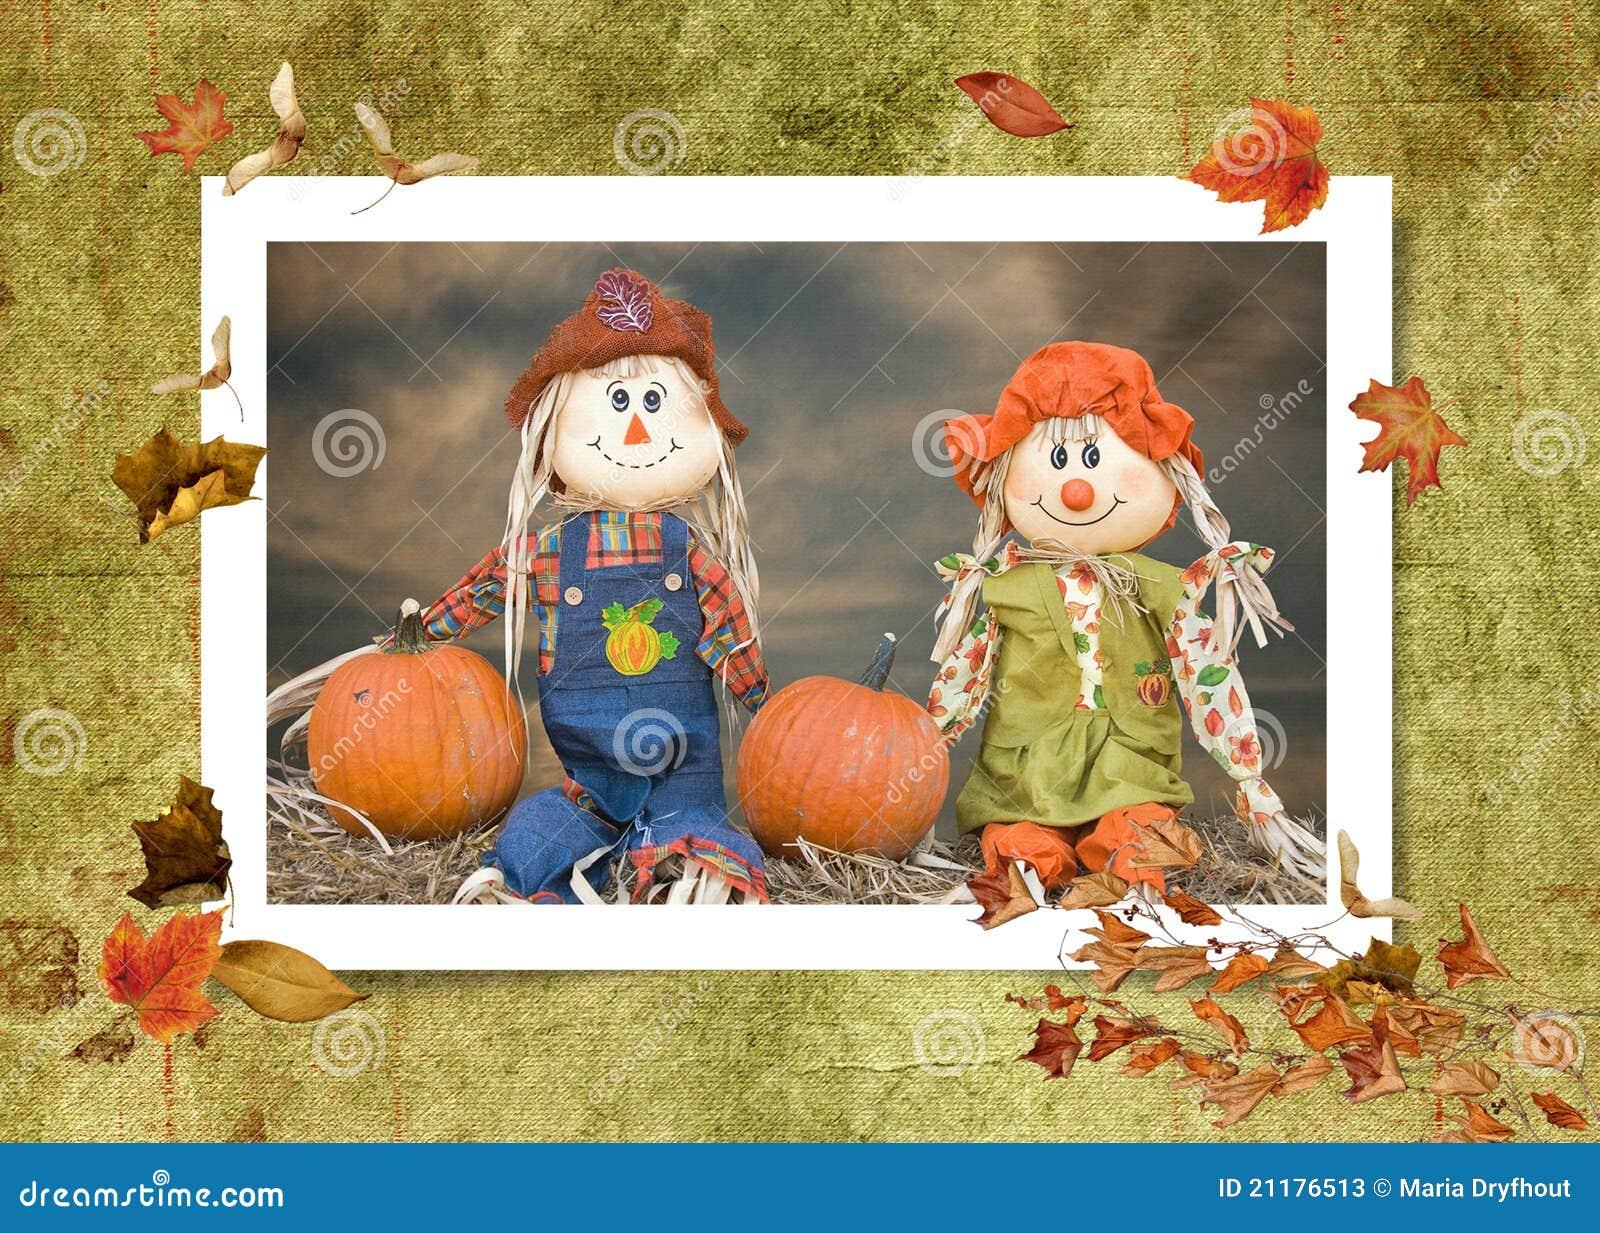 Autumn Scarecrow Couple